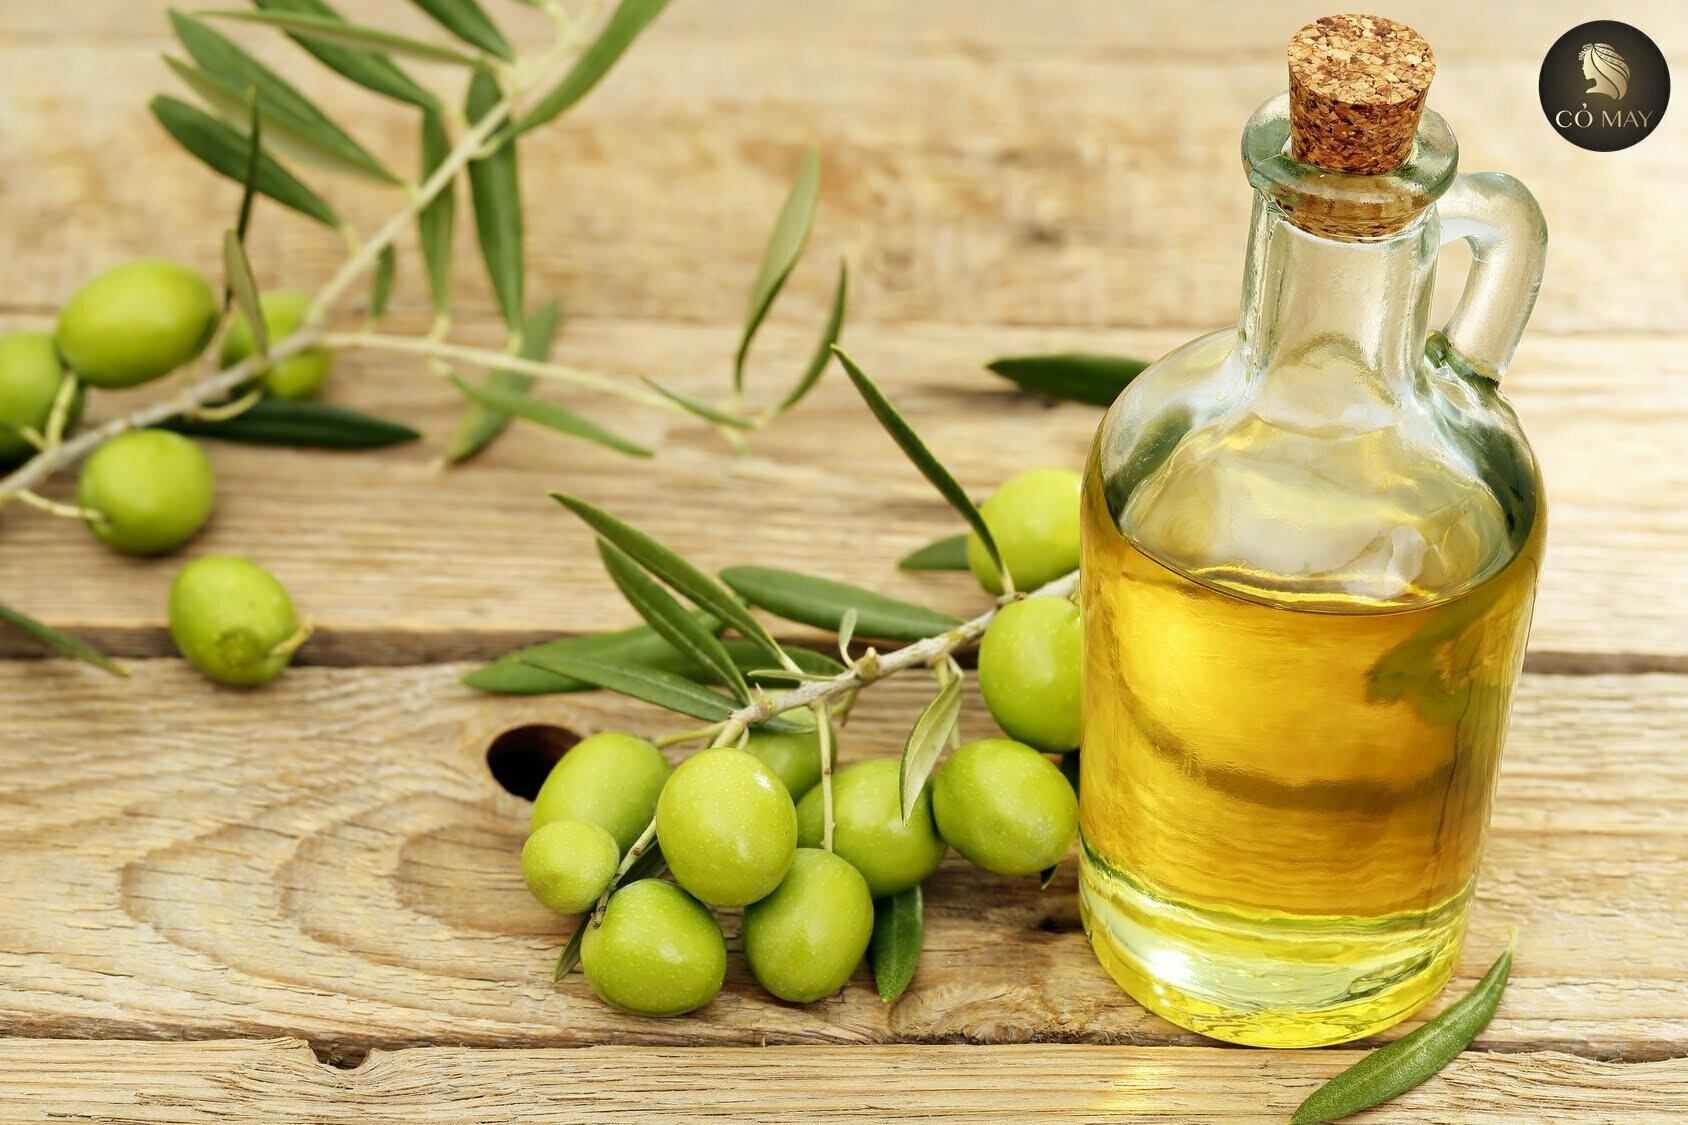 chăm sóc tóc bằng dầu oliu